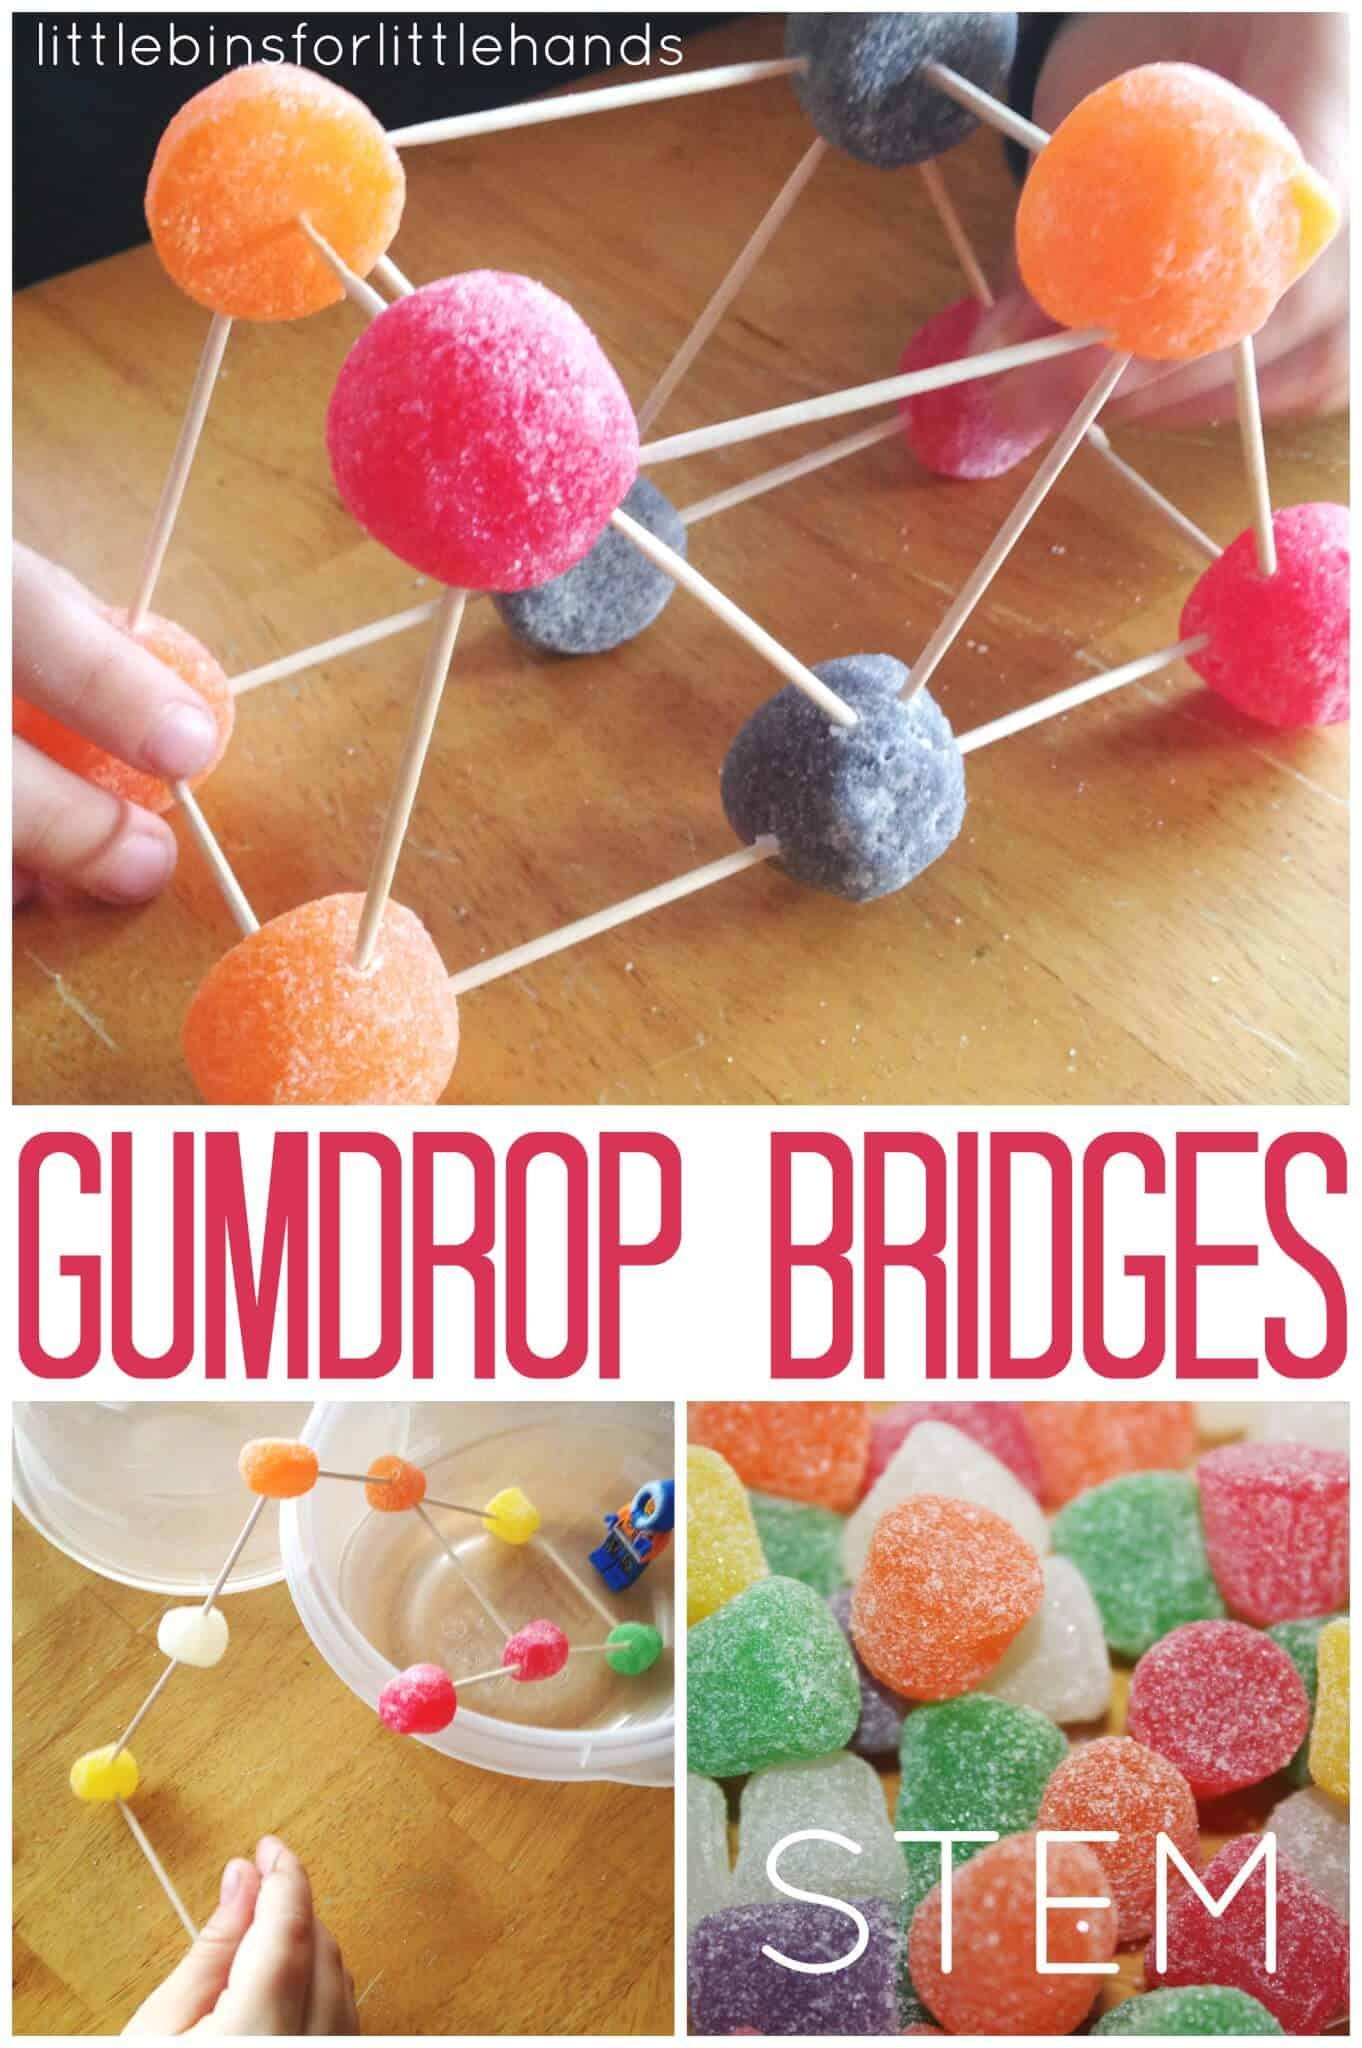 Gumdrop Bridge Stem Challenge